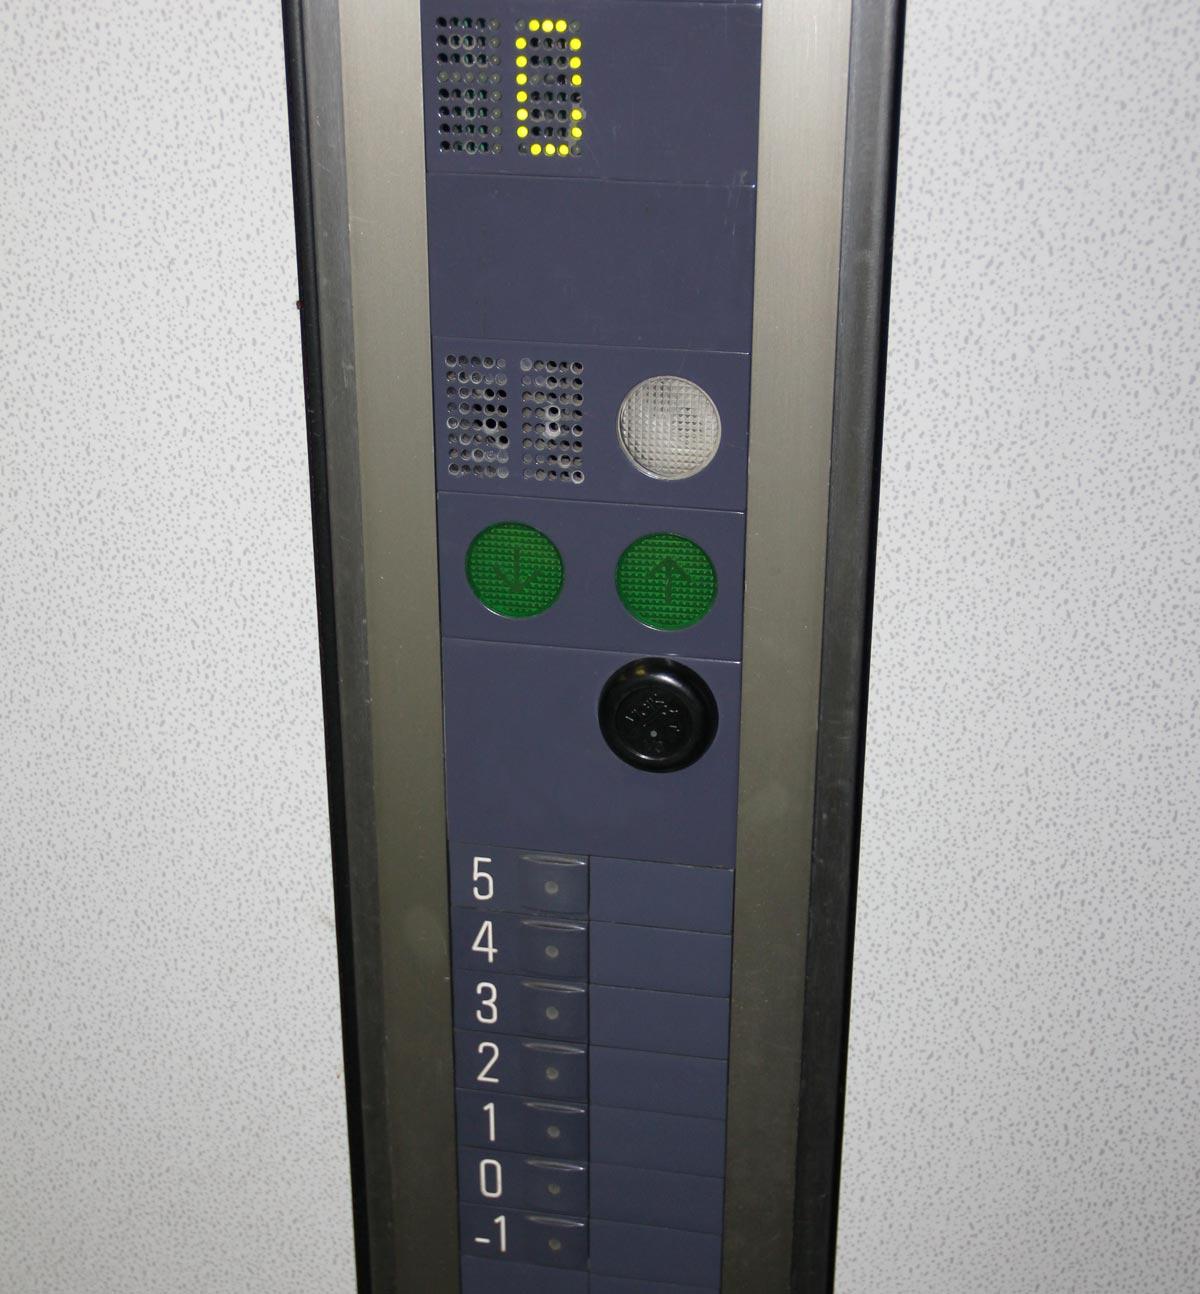 Dimelec installation contrôle accès vigik ascenseur zone et partie commune sécurité résidence Bordeaux mise aux normes